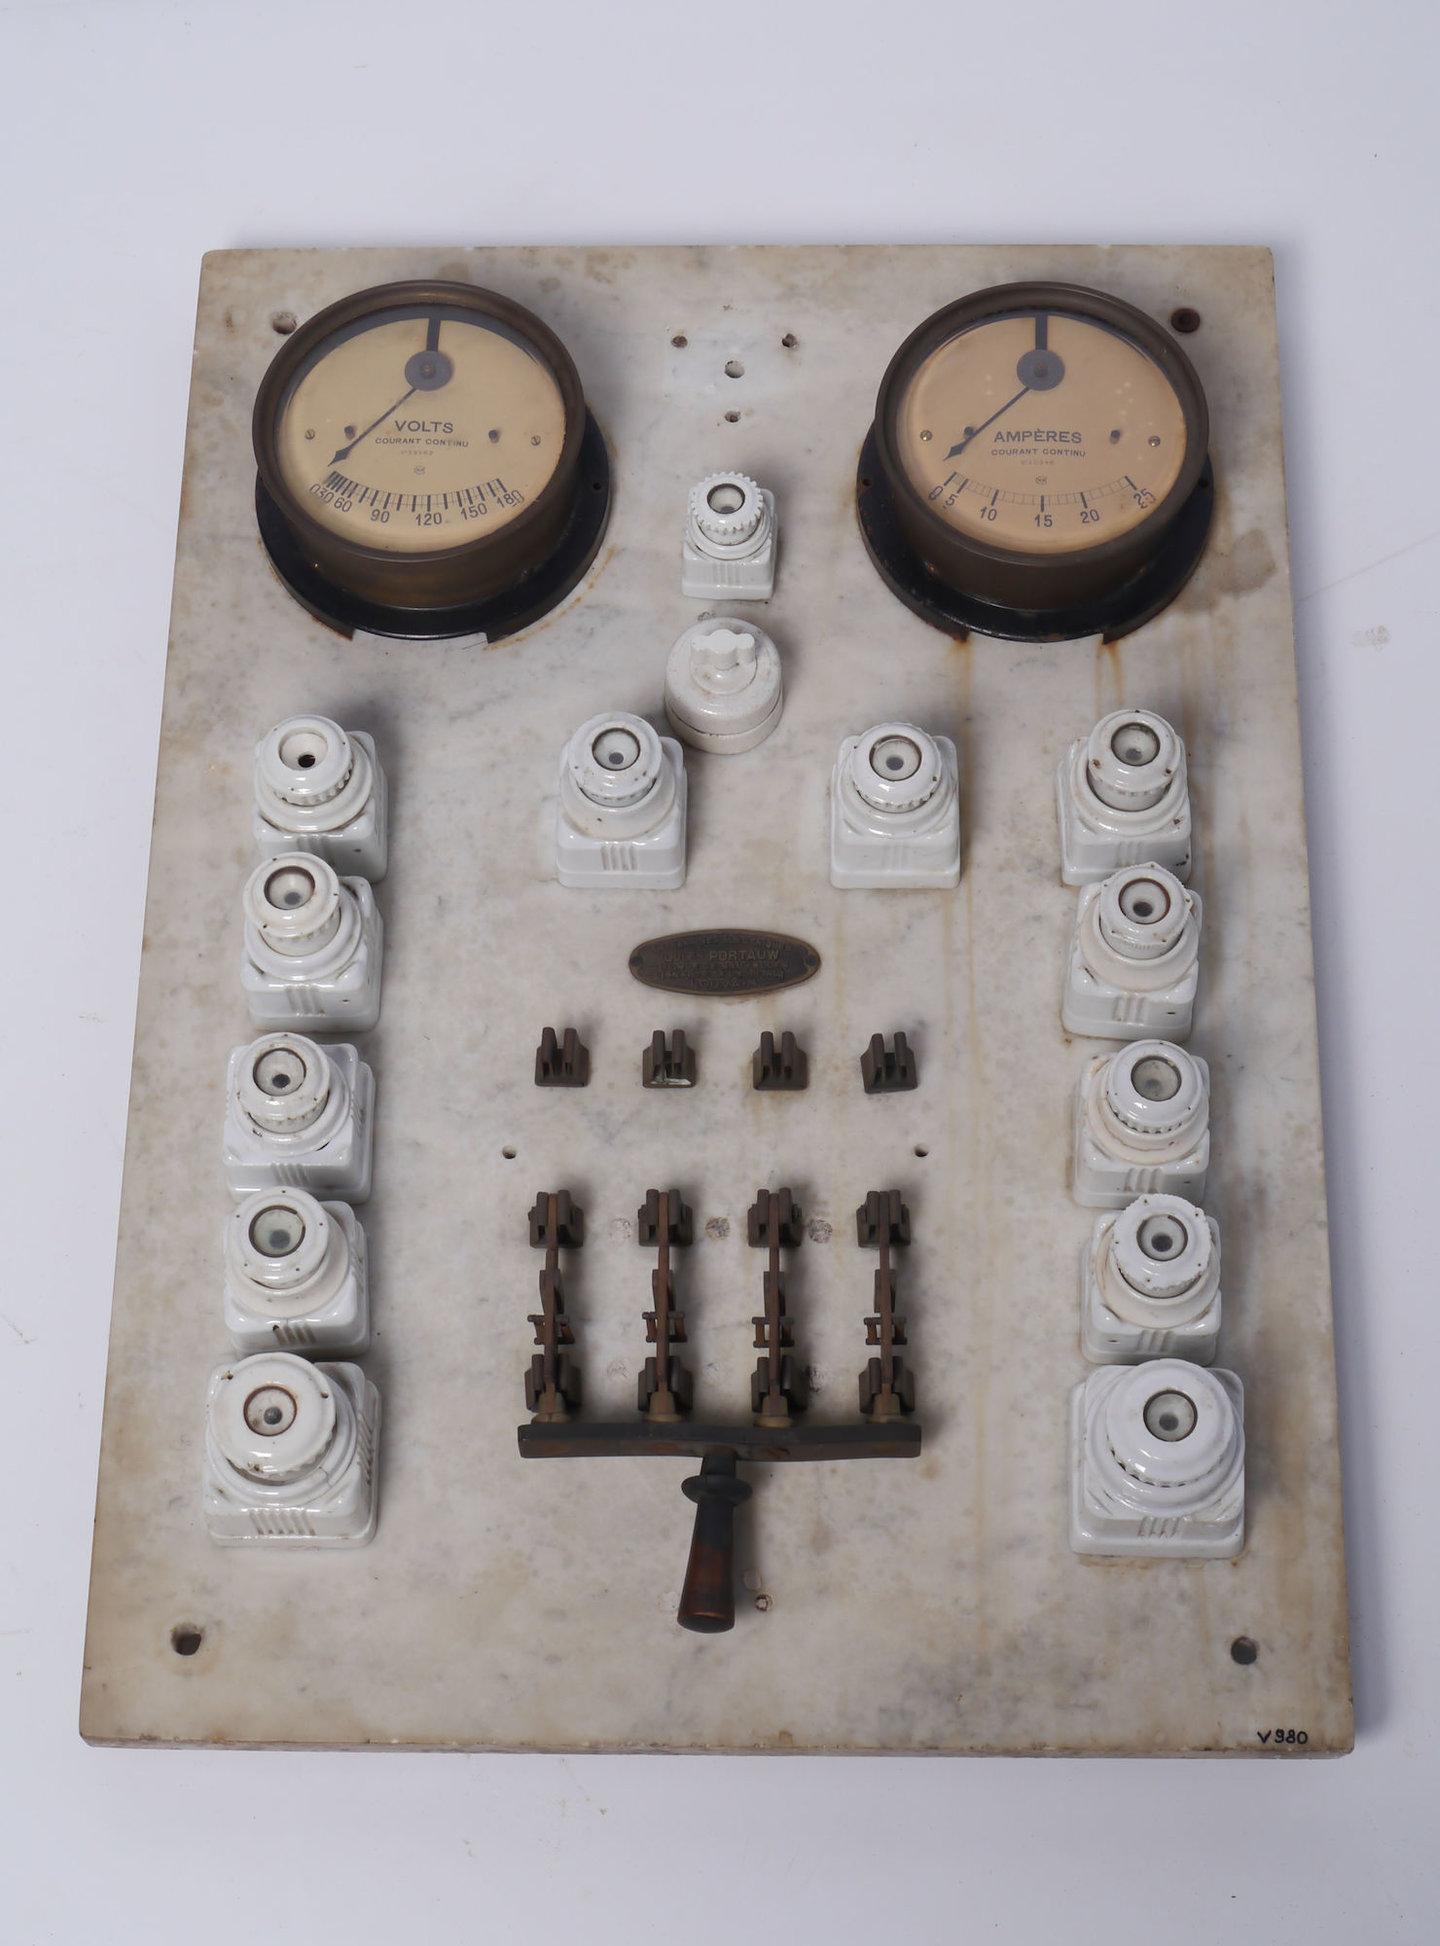 Uitgebreid schakelbord voor elektrische installatie